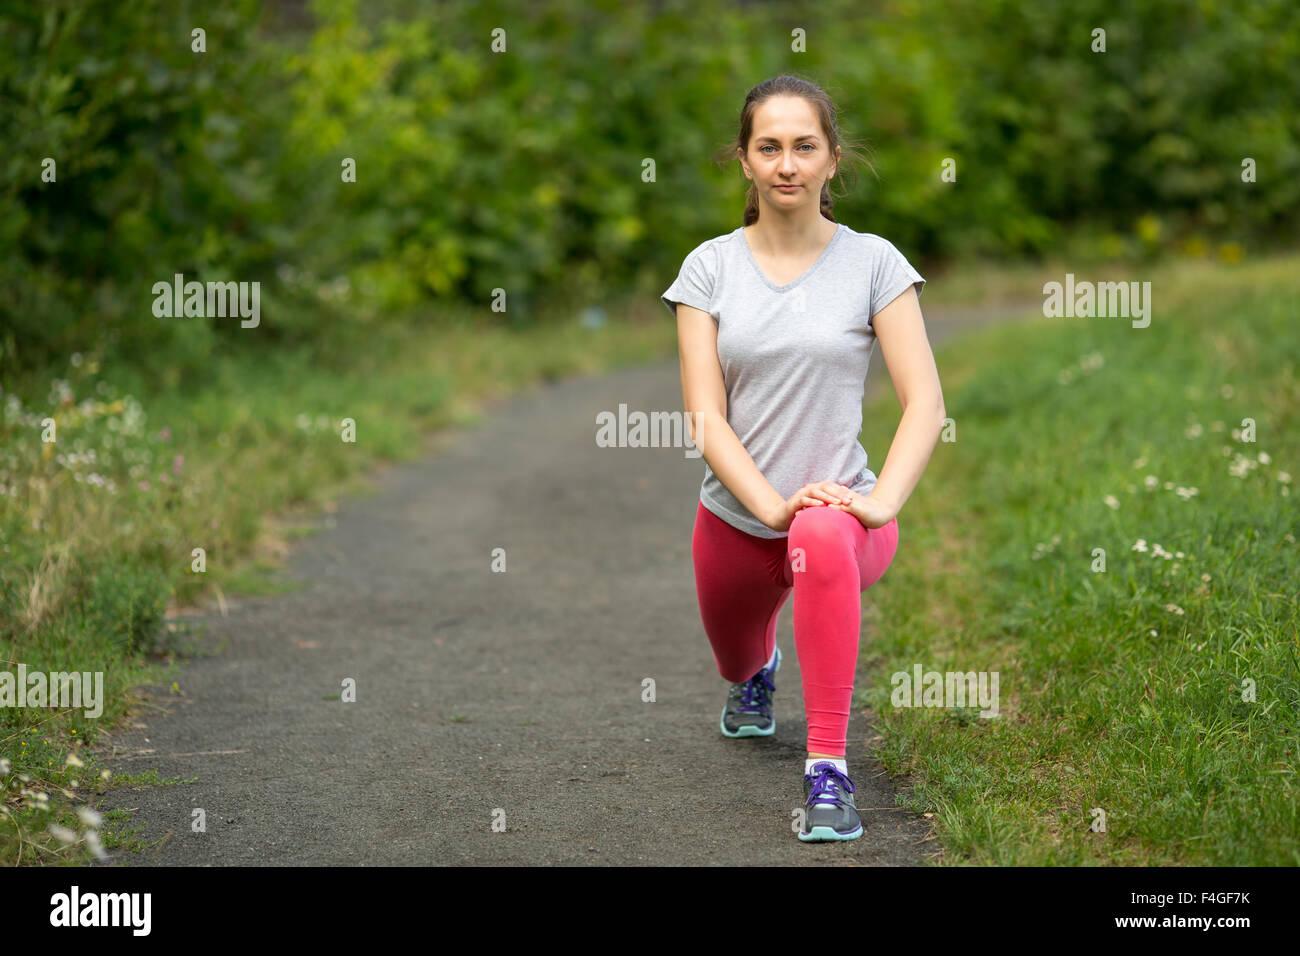 Giovane ragazza sportivo in fase di riscaldamento prima di fare jogging nel parco. Immagini Stock